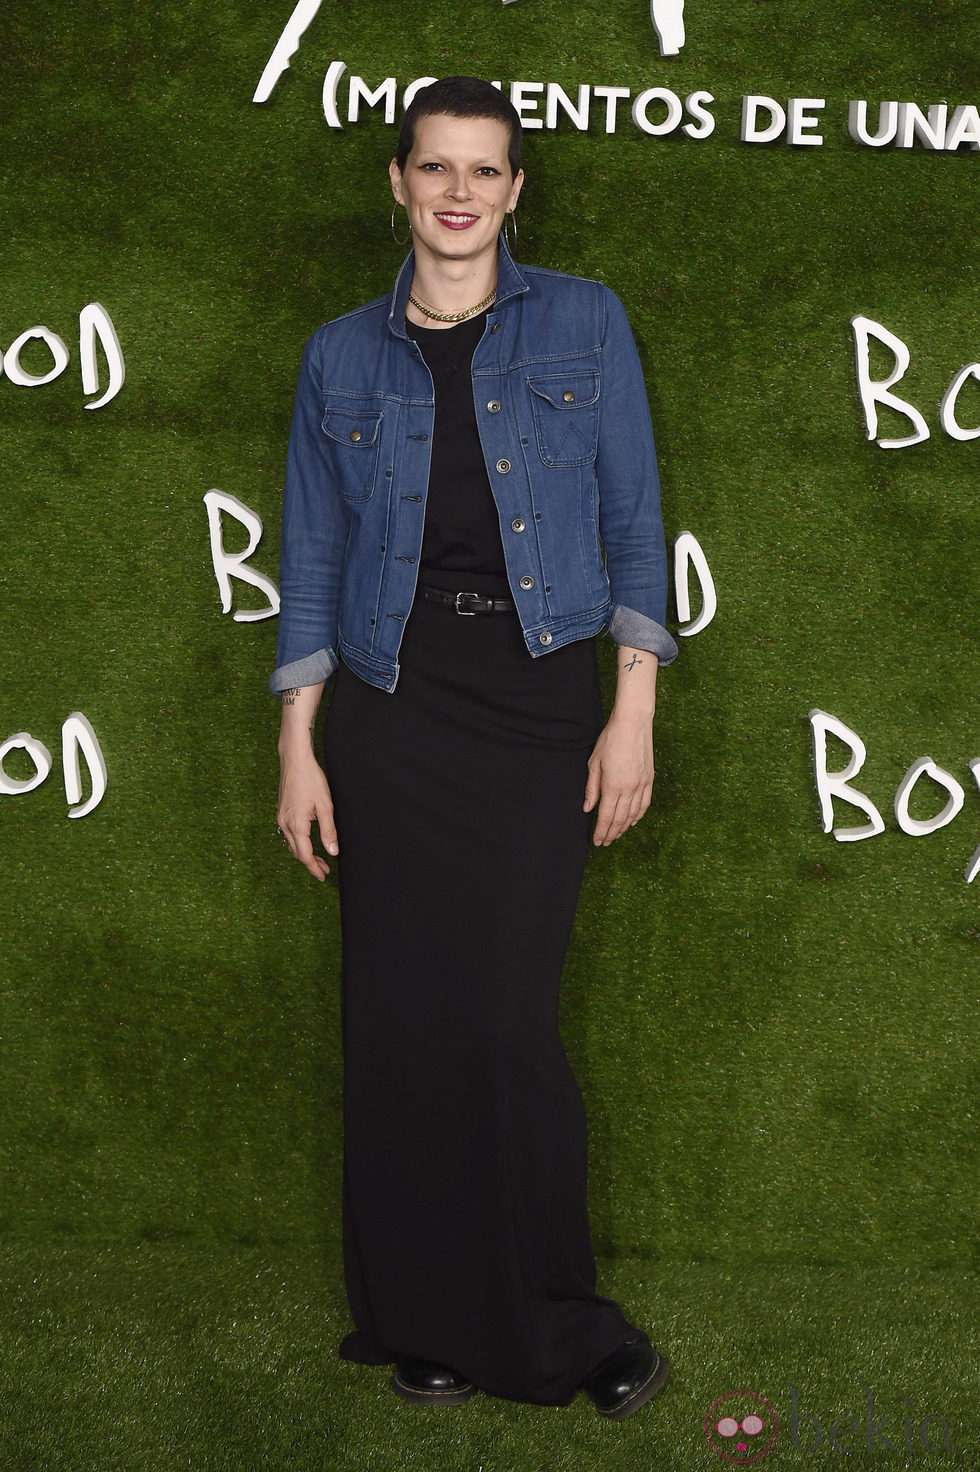 Bimba Bosé en el estreno de 'Boyhood (Momentos de una vida)' en Madrid